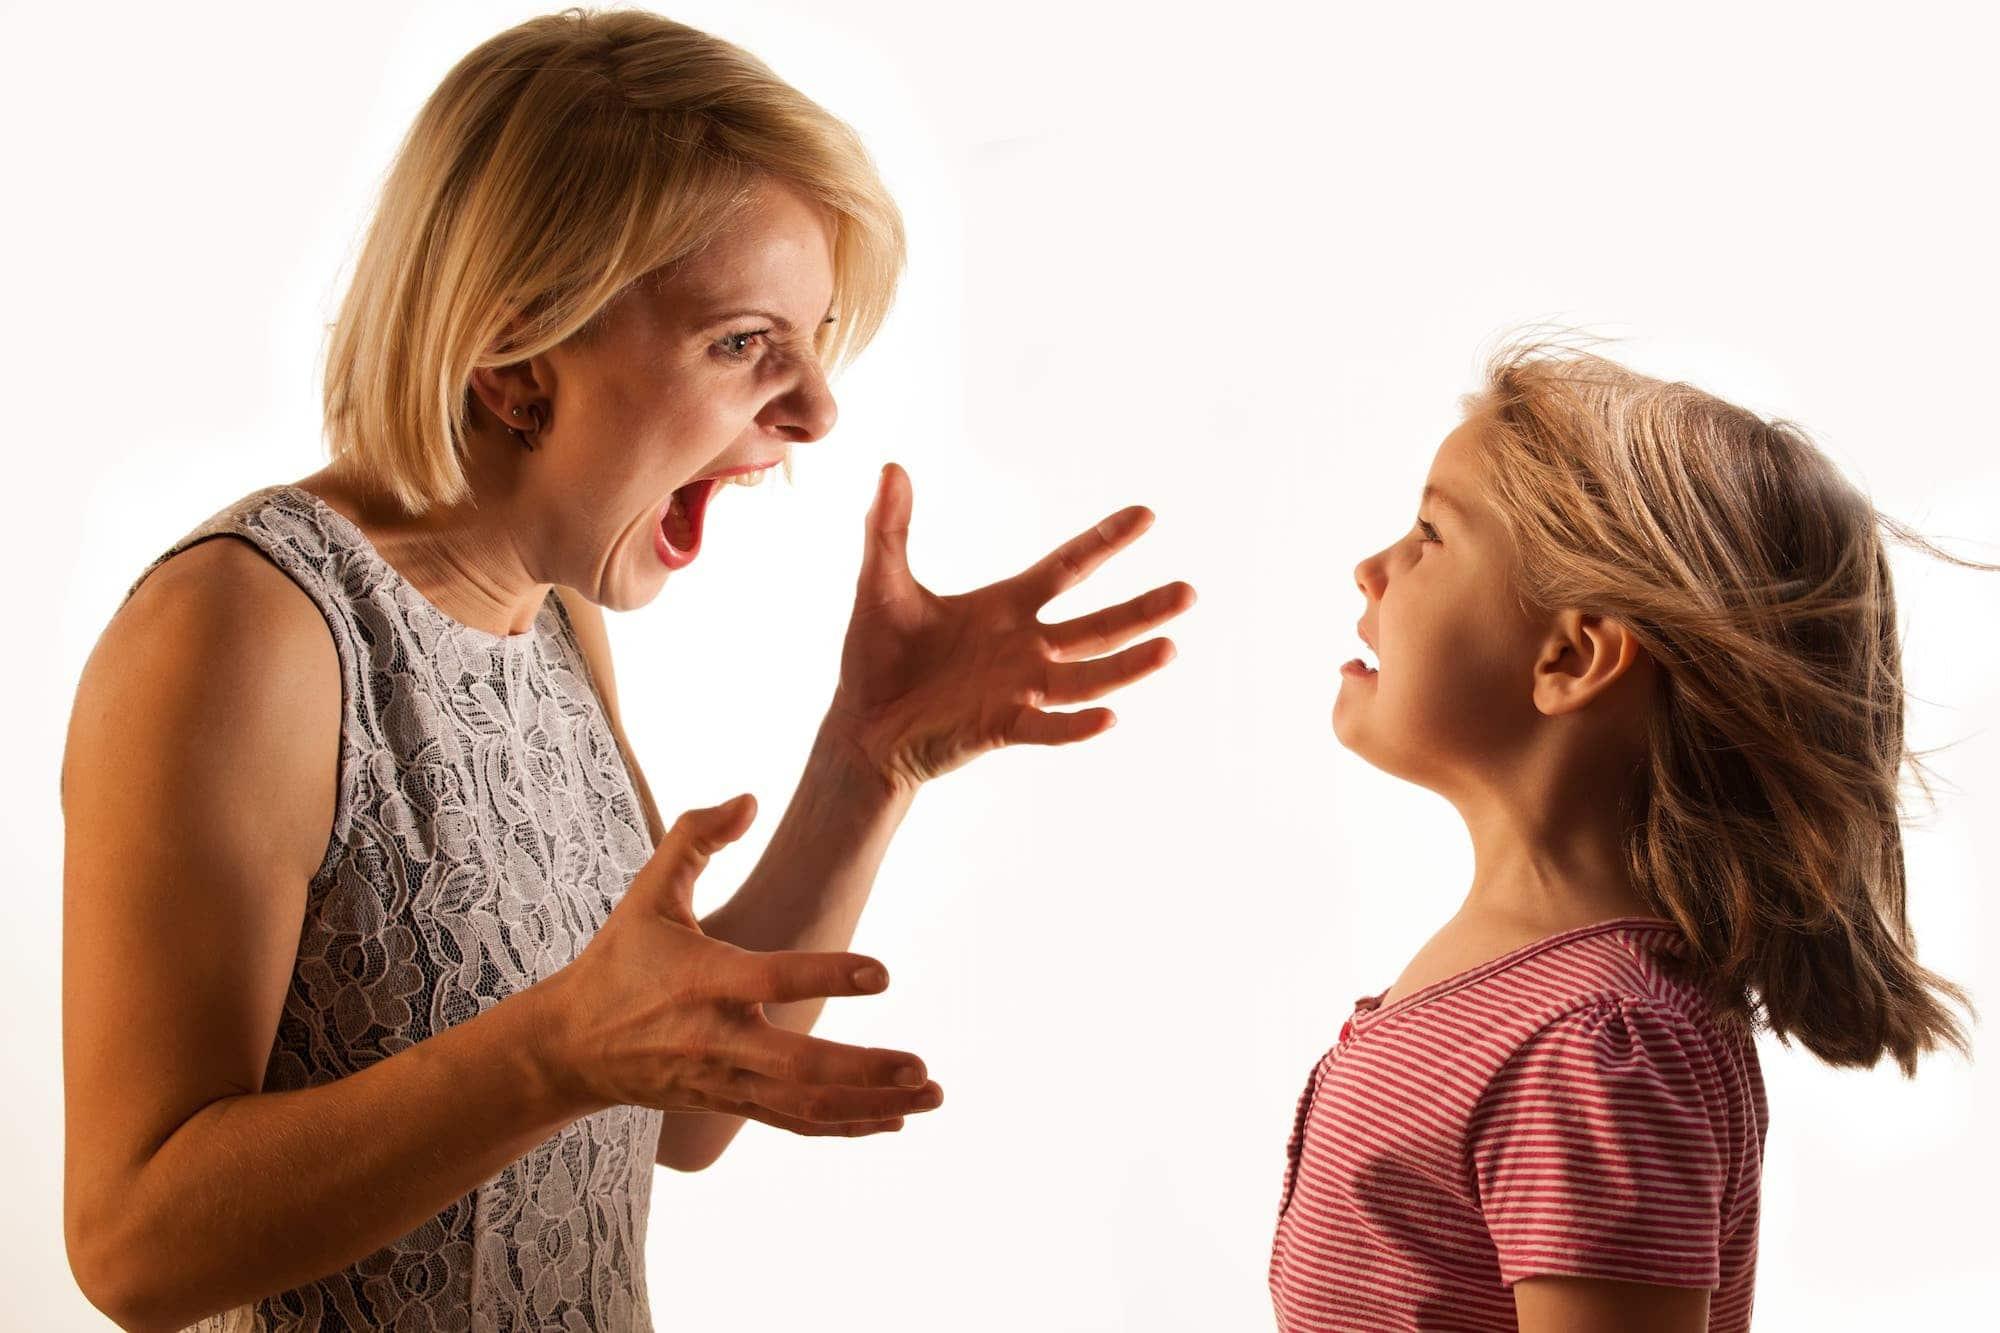 Genitori che urlano: l'importanza di rimediare | Dipendiamo.blog